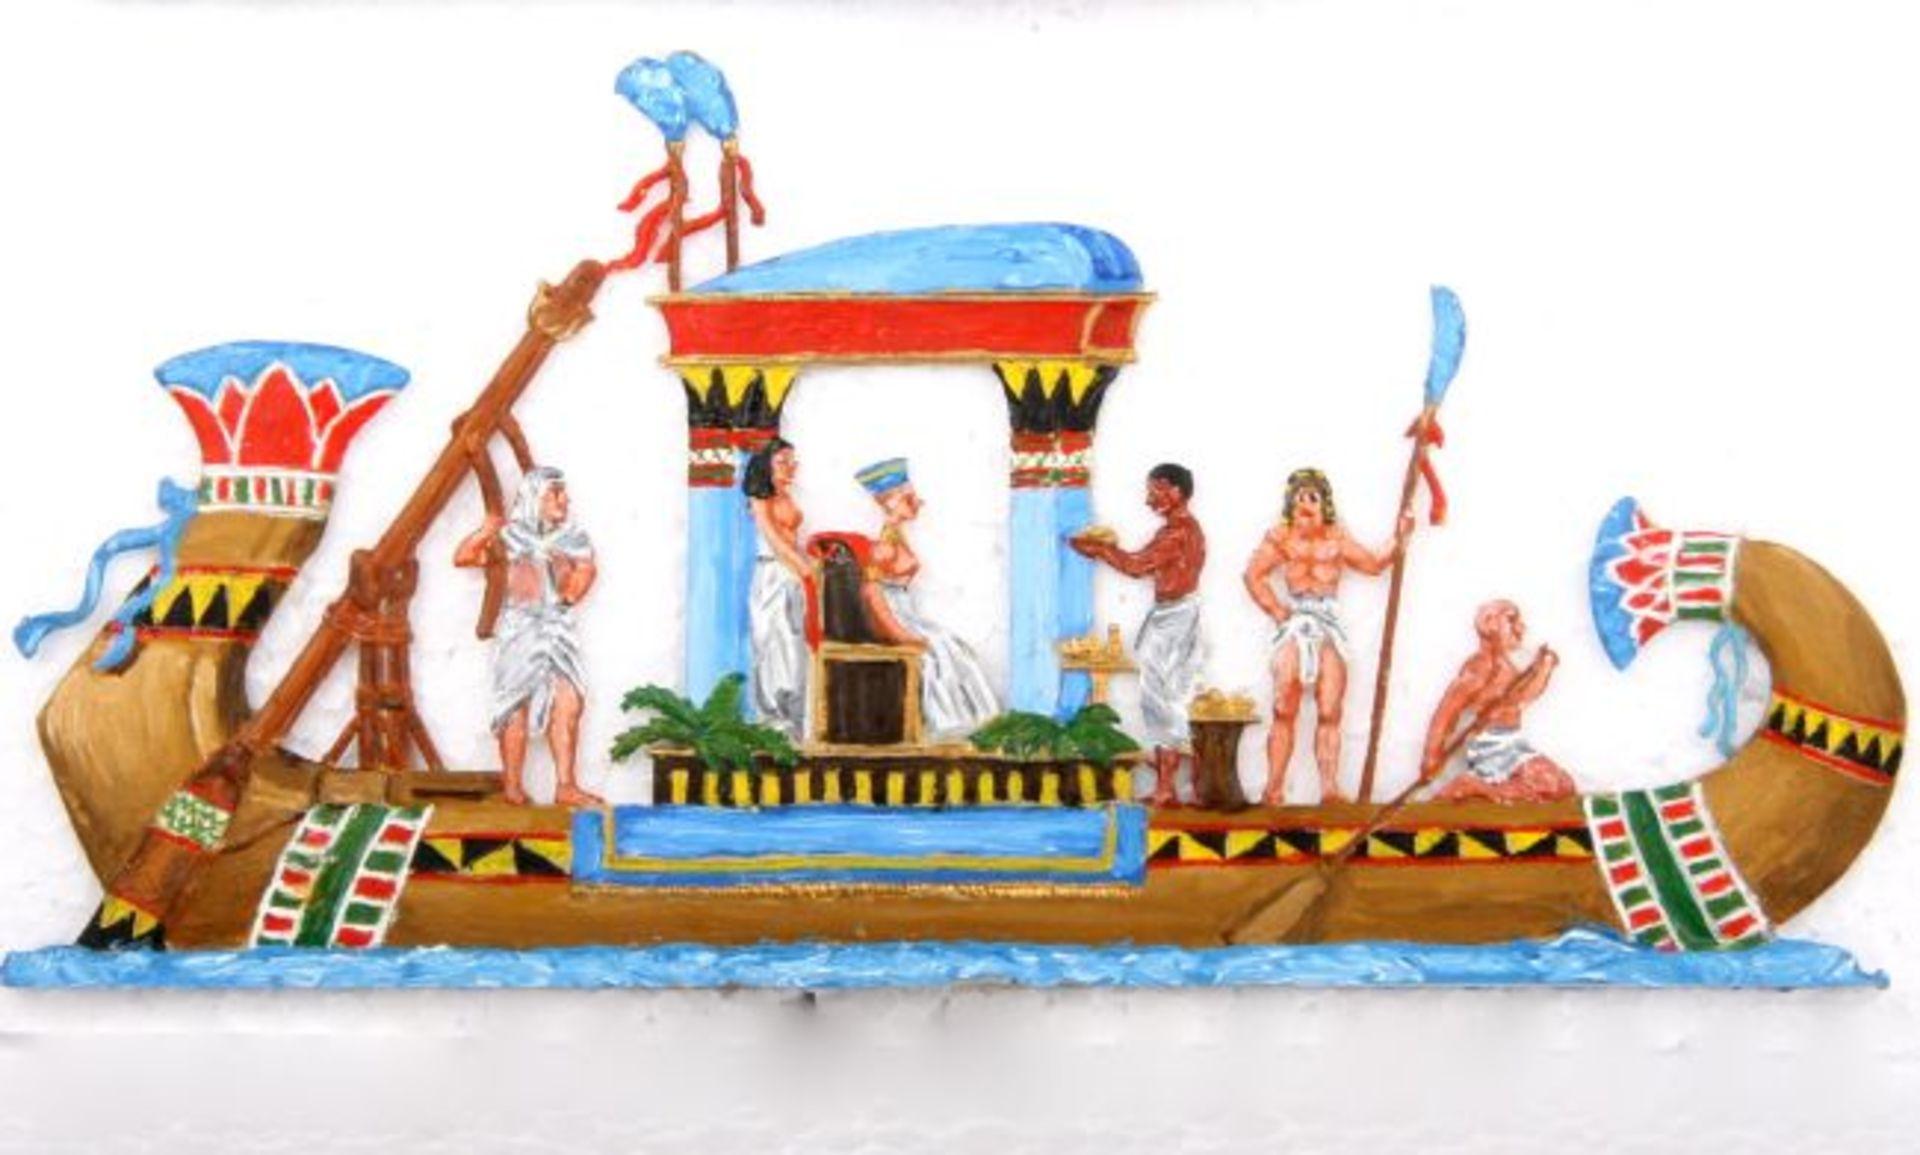 Altertum, Ägypten, Nil-Barke mit Nofretete, Höhe ca. 9 cm, Tylinski, sehr gute, schattierte